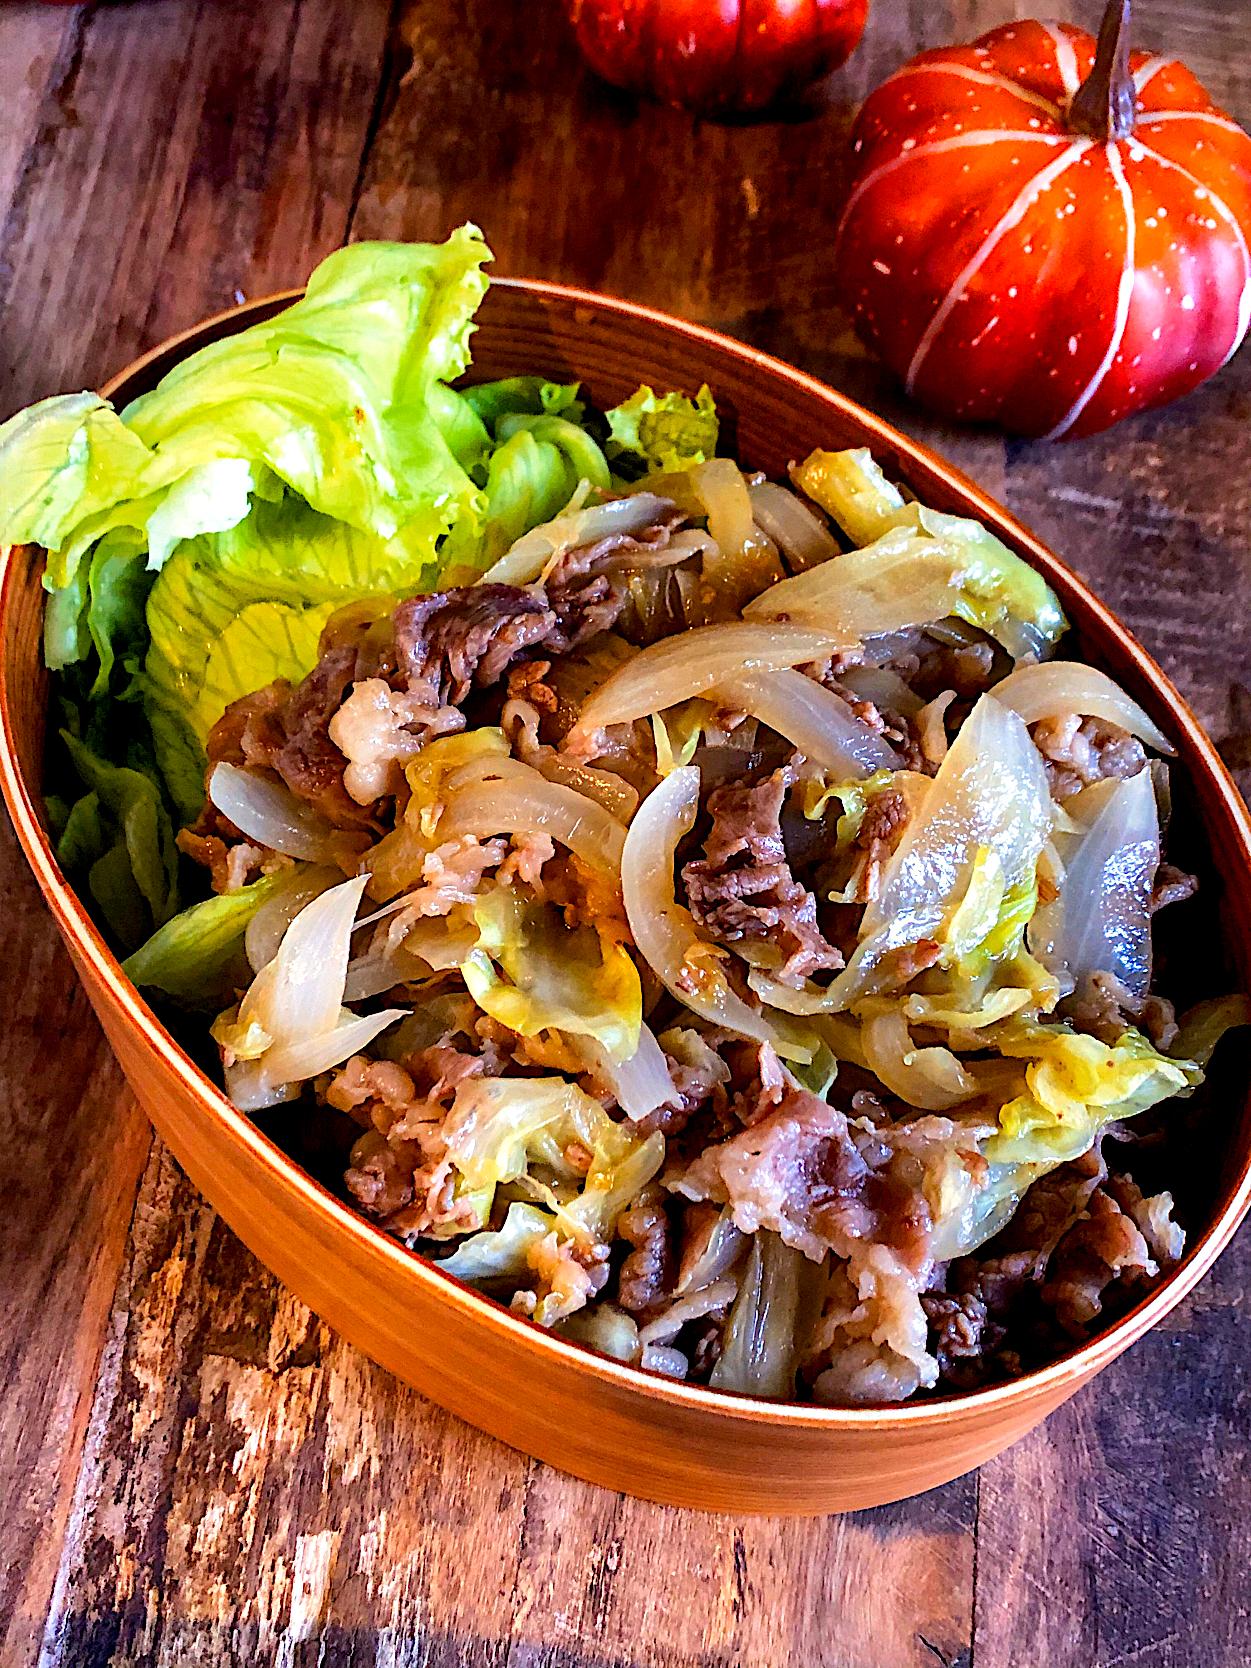 香ばし醤油のダブルネギの肉野菜炒め丼